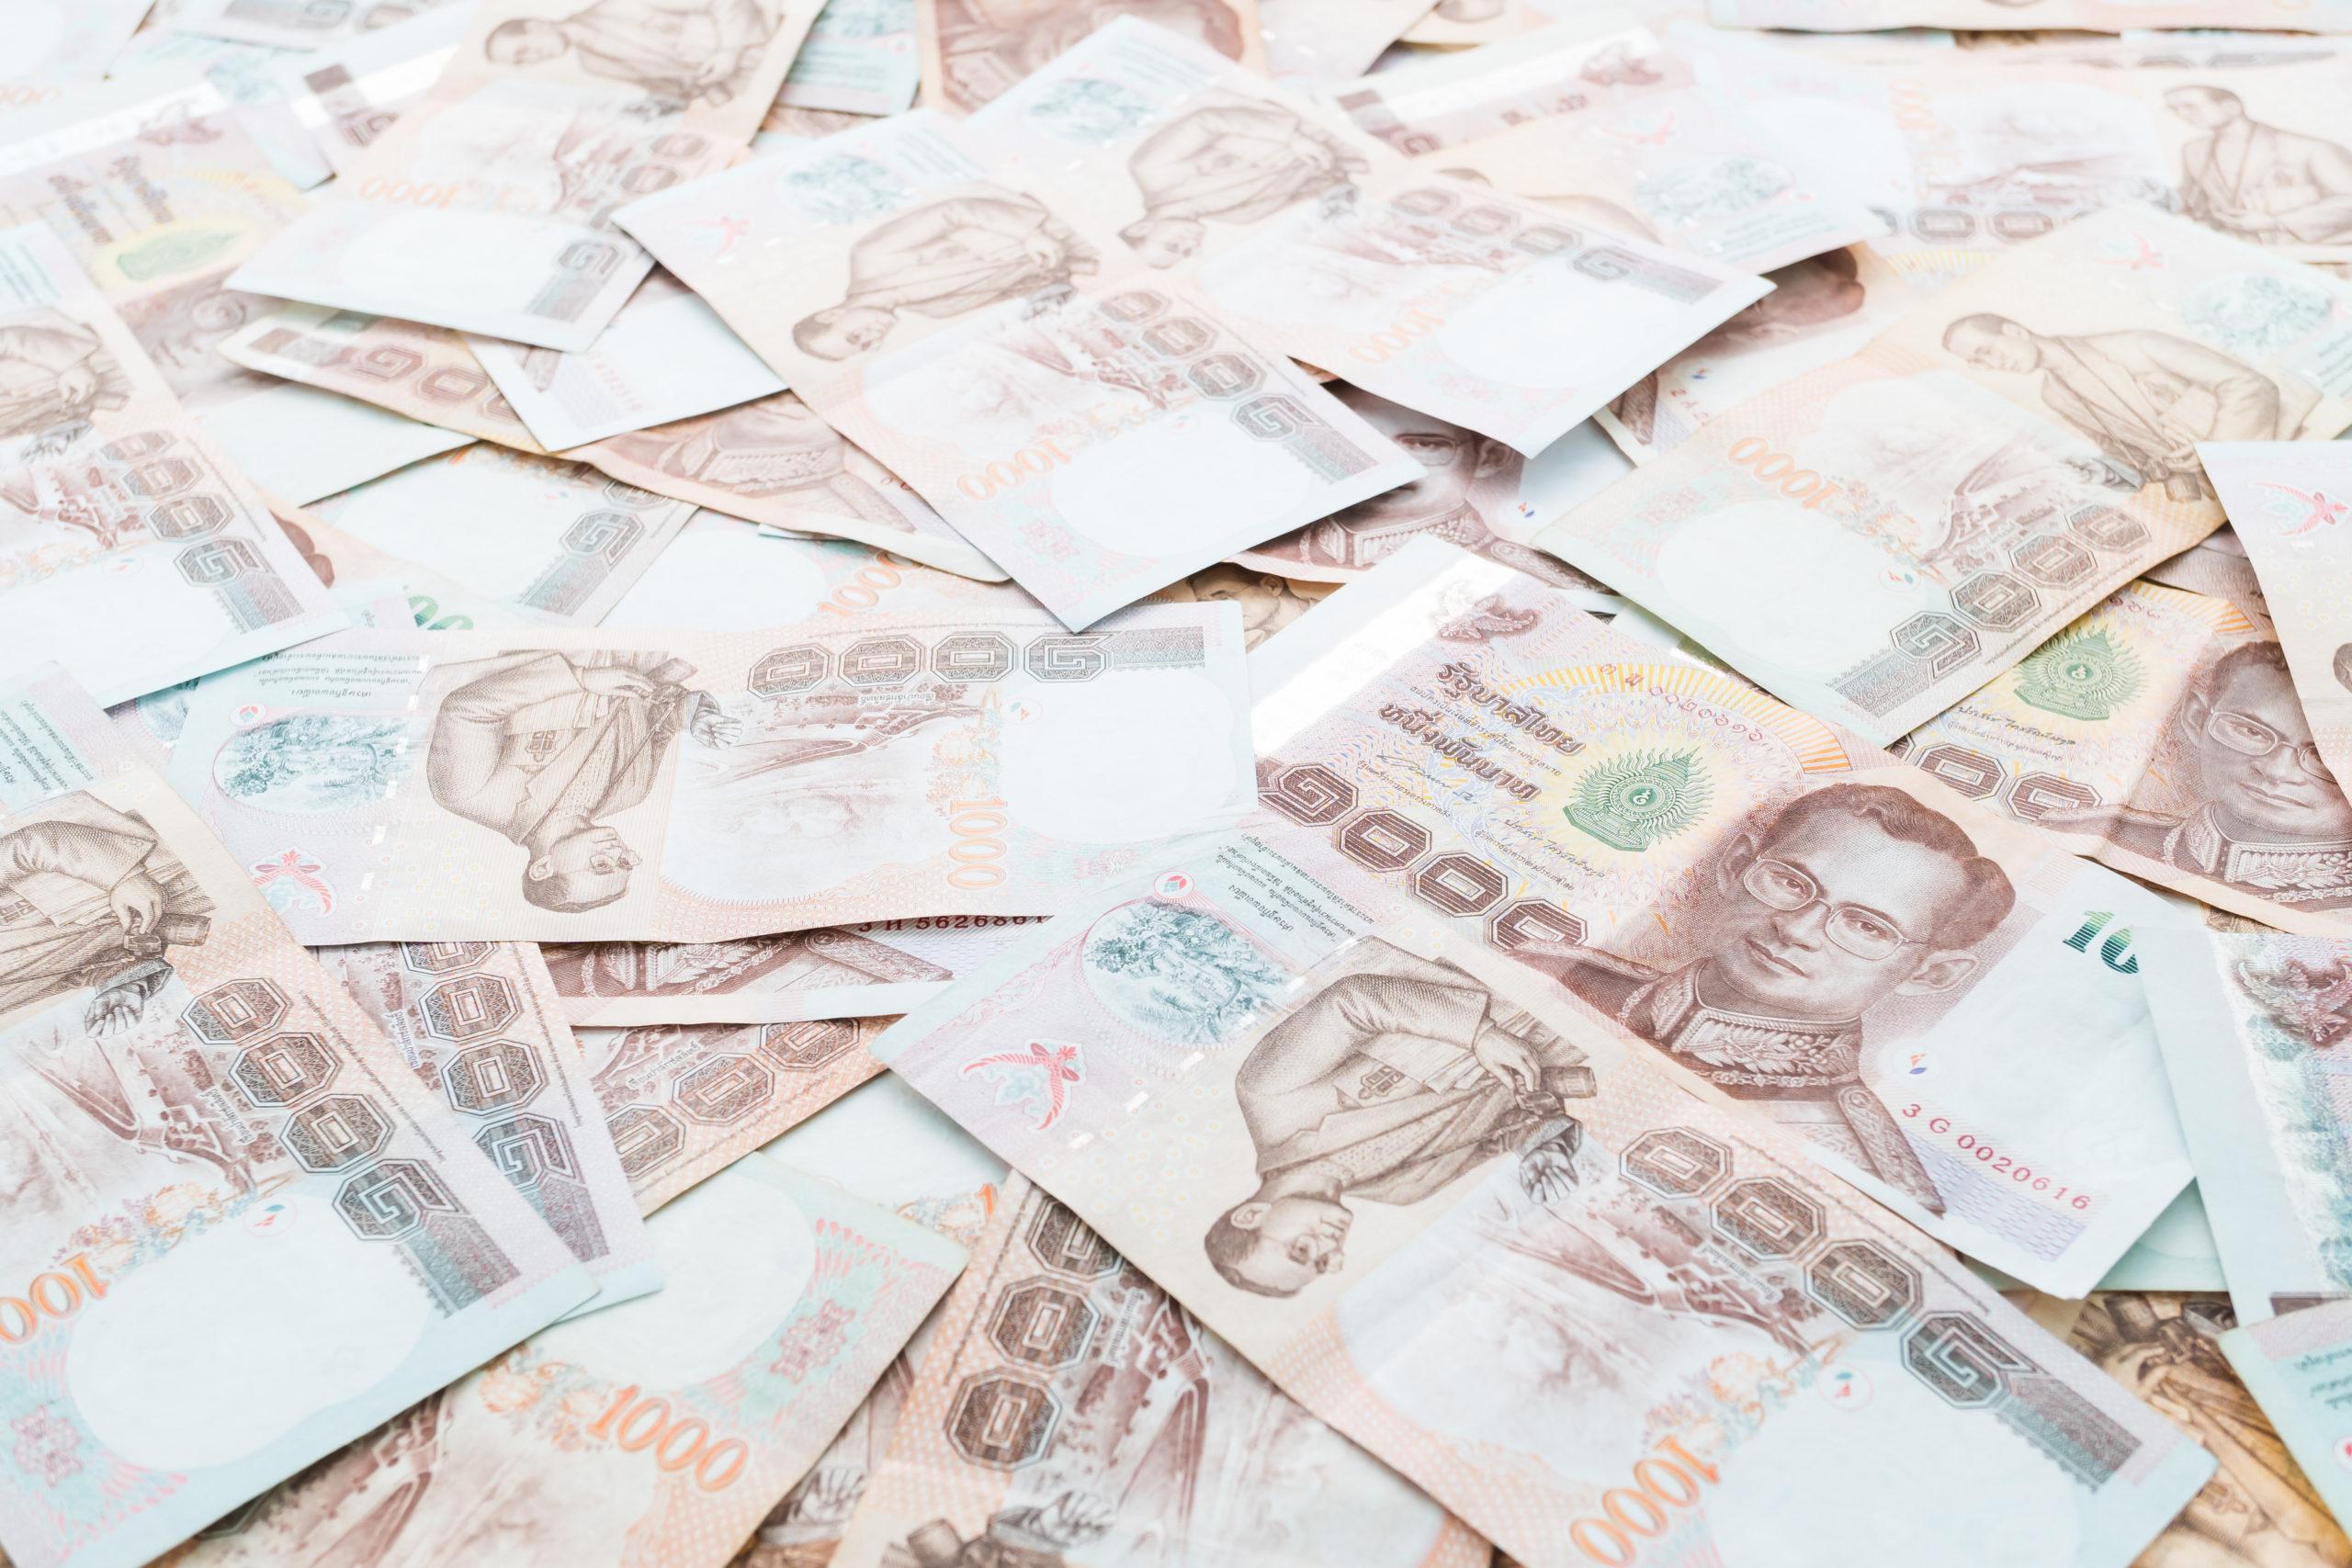 มาตรการช่วยเหลือลูกหนี้ จากทางรัฐบาล